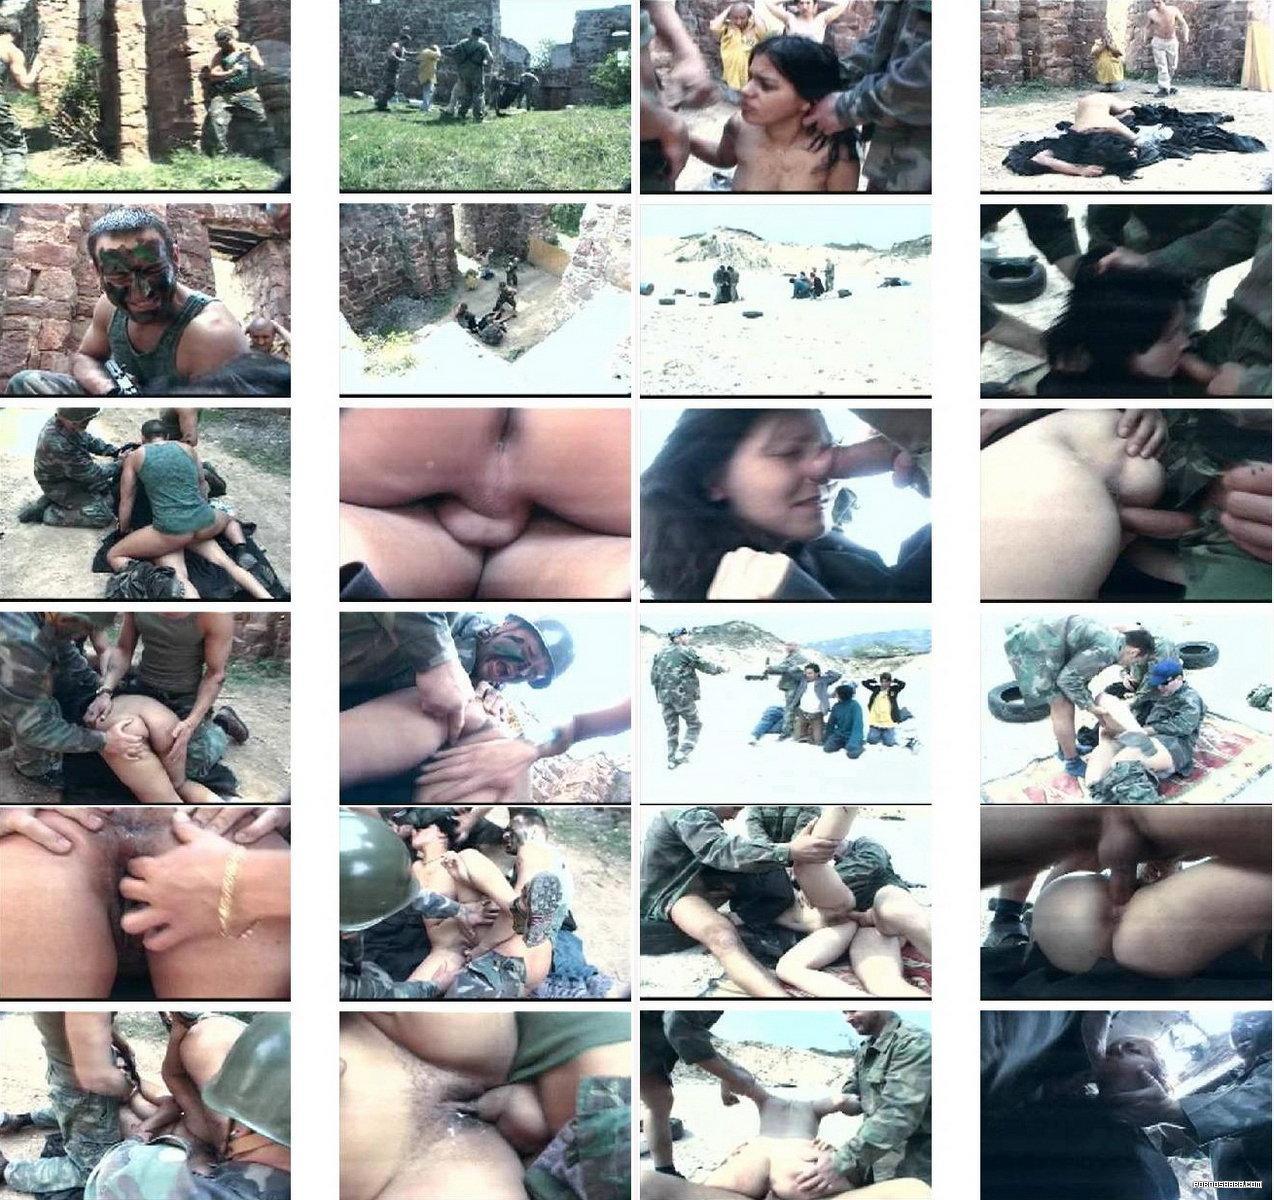 Фото порно экстрим порнуха в натуре 11 фотография